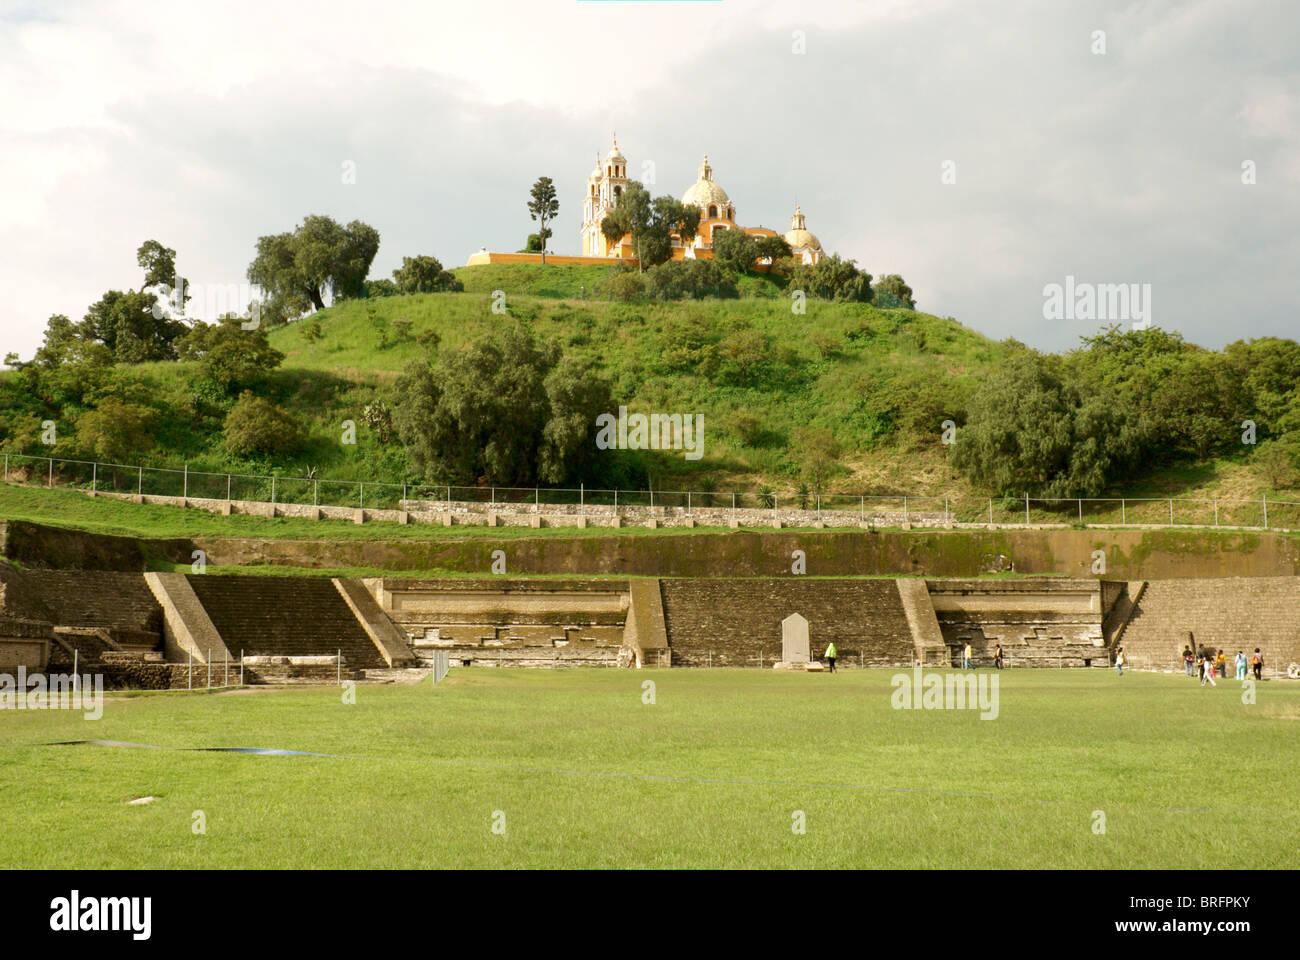 pre-hispanic-ruins-at-southern-base-of-tepanapa-pyramid-and-santuario-BRFPKY.jpg